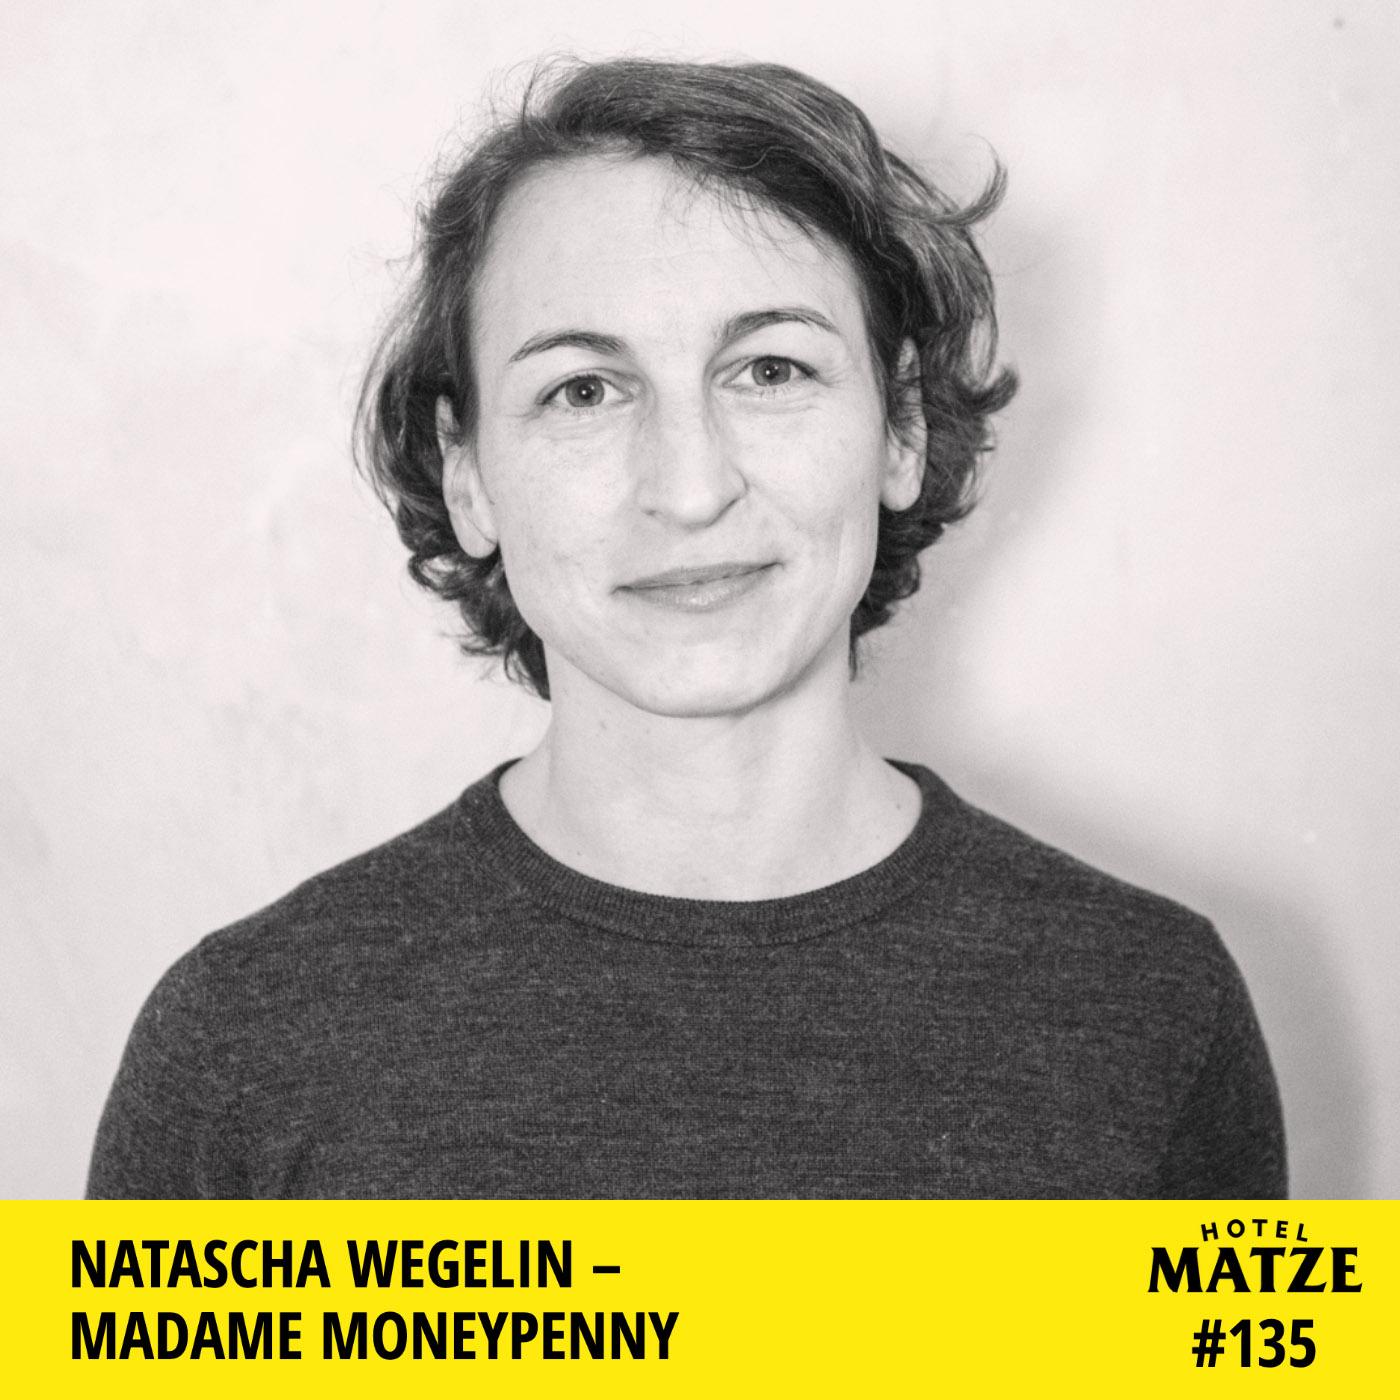 """""""Madame Moneypenny"""" Natascha Wegelin – Wie erlangt man finanzielle Unabhängigkeit?"""